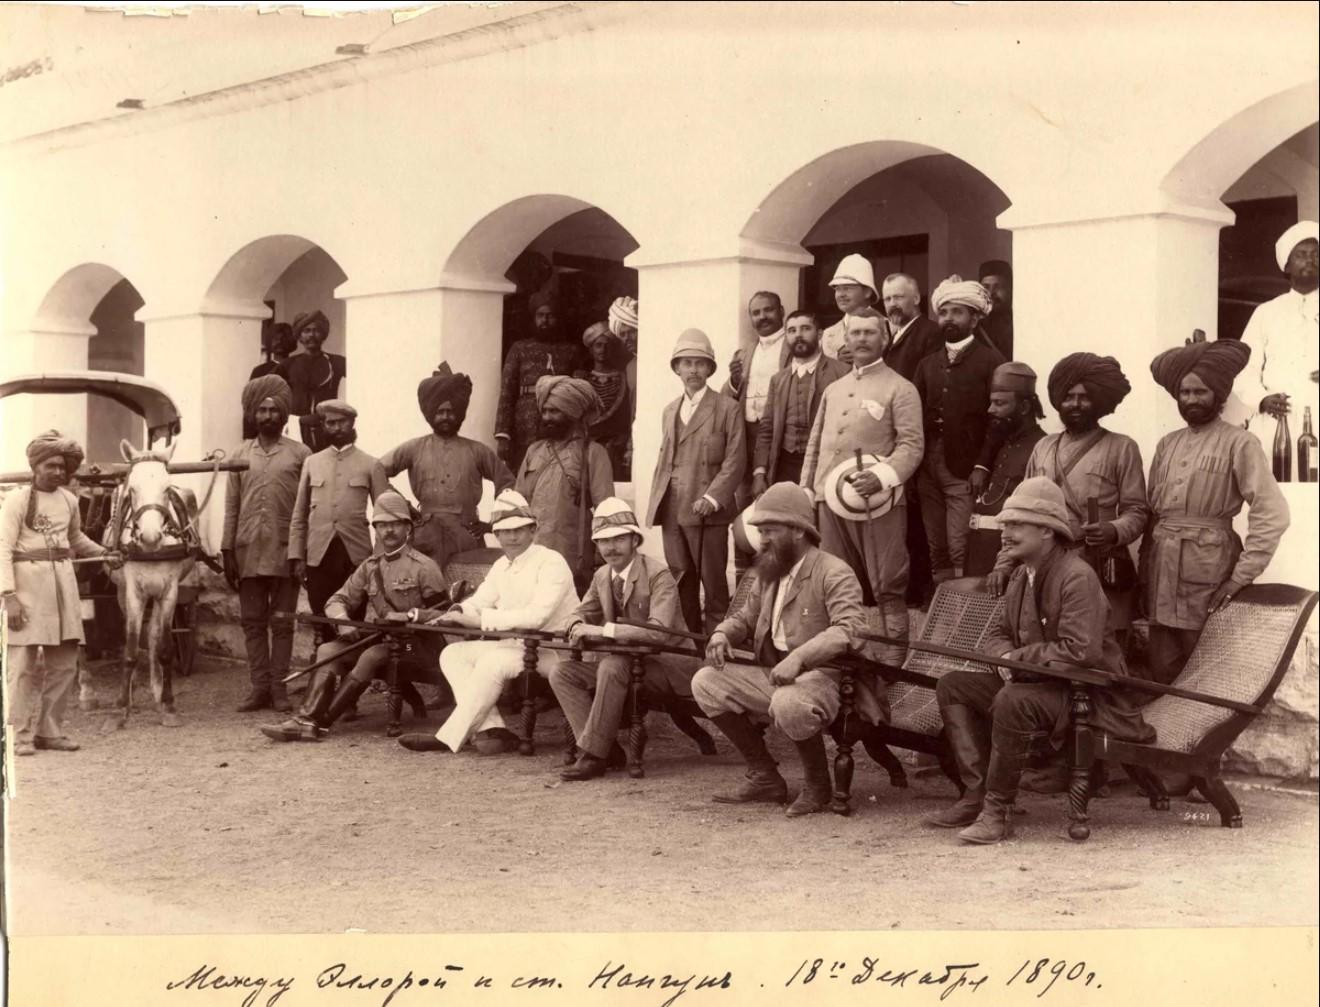 04. 1890. Индия. Между Эллорой и ст.Нангун. Штат Махараштра